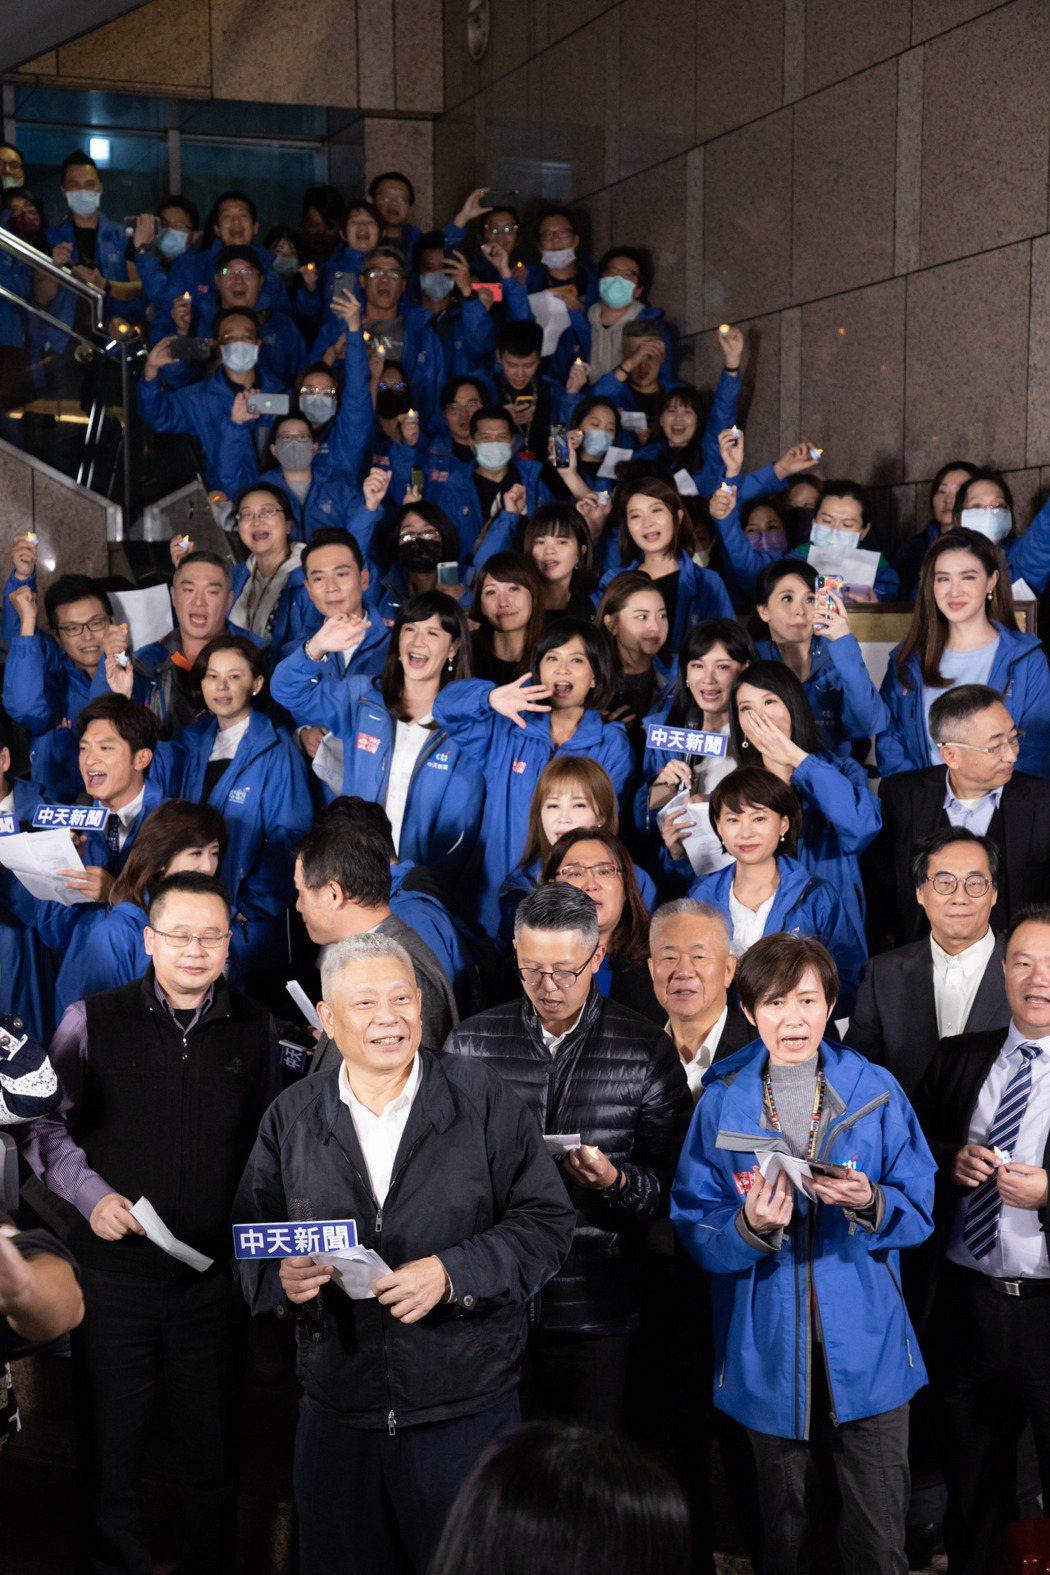 蔡衍明與所有員工一起高歌。記者季相儒/攝影